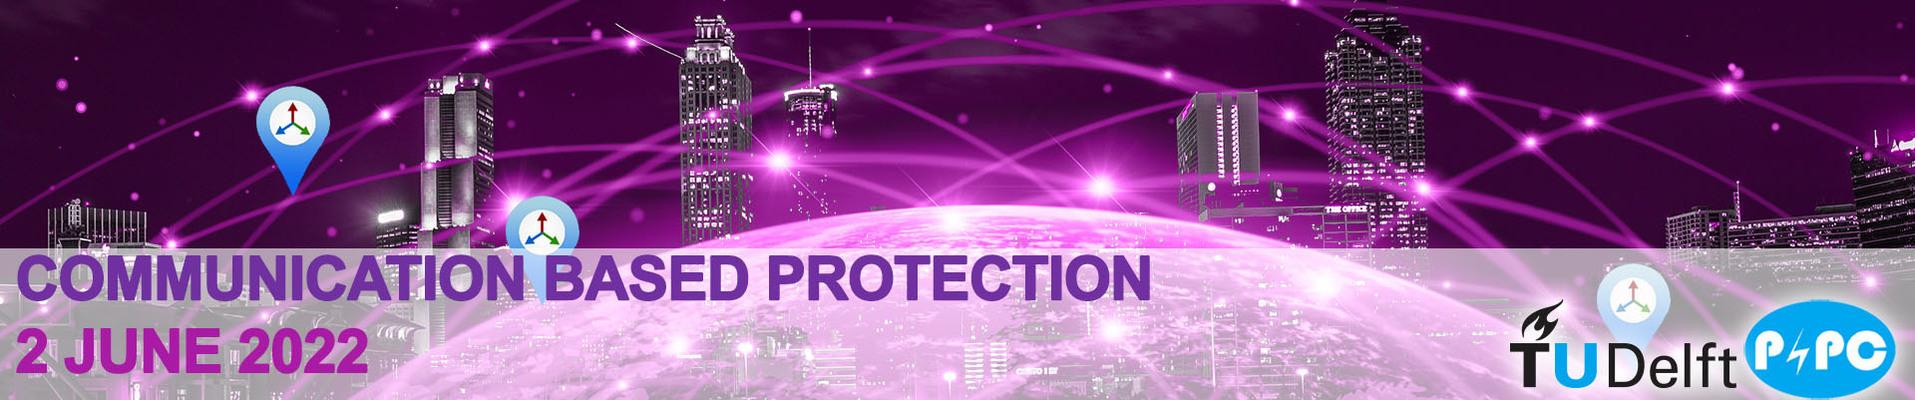 Communication based protection